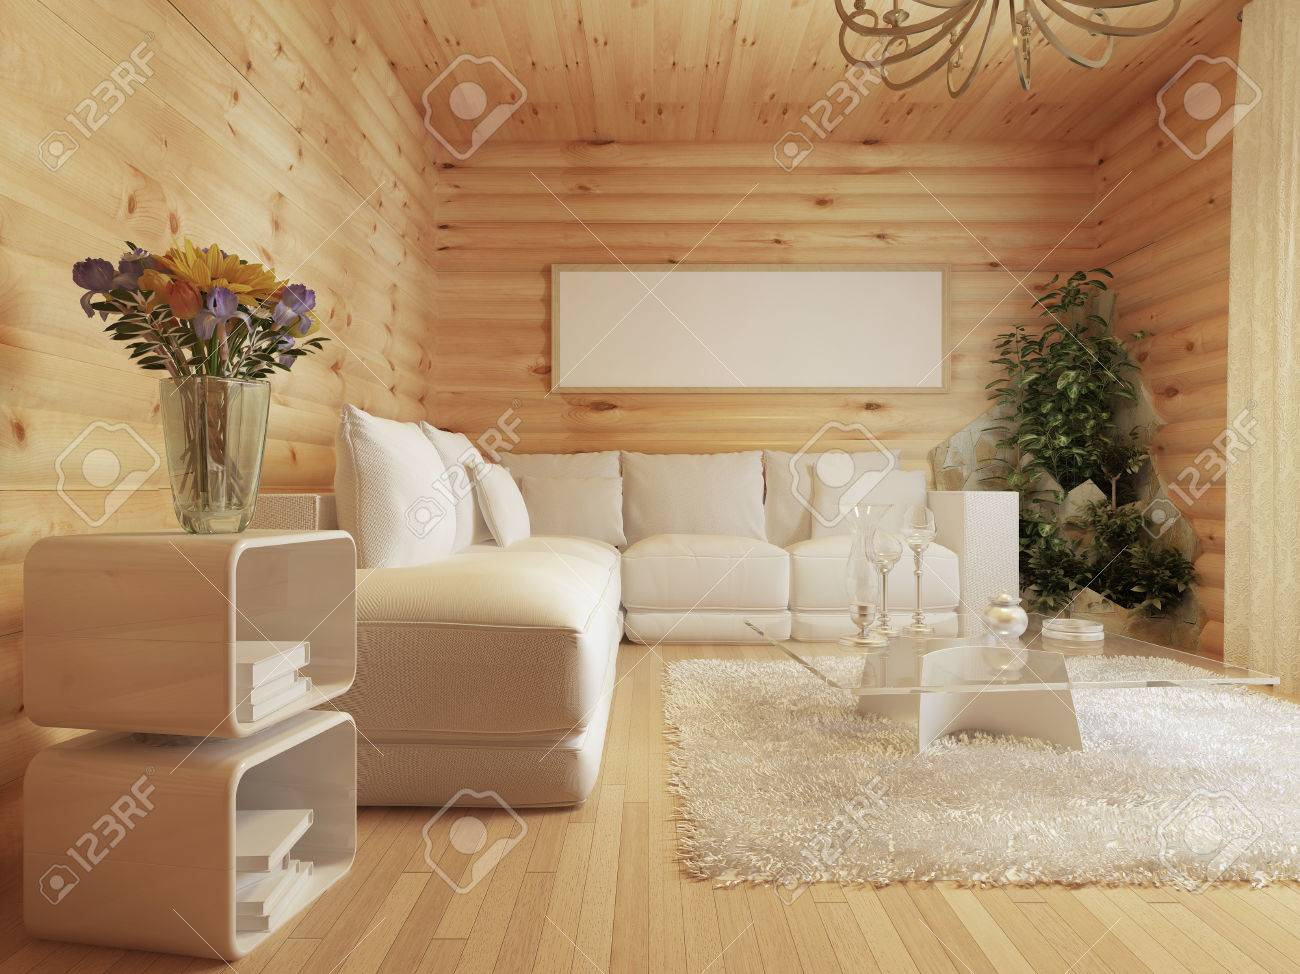 Wohnzimmer Innenraum In Einem Blockhaus. Interieur In Modernem Stil ...